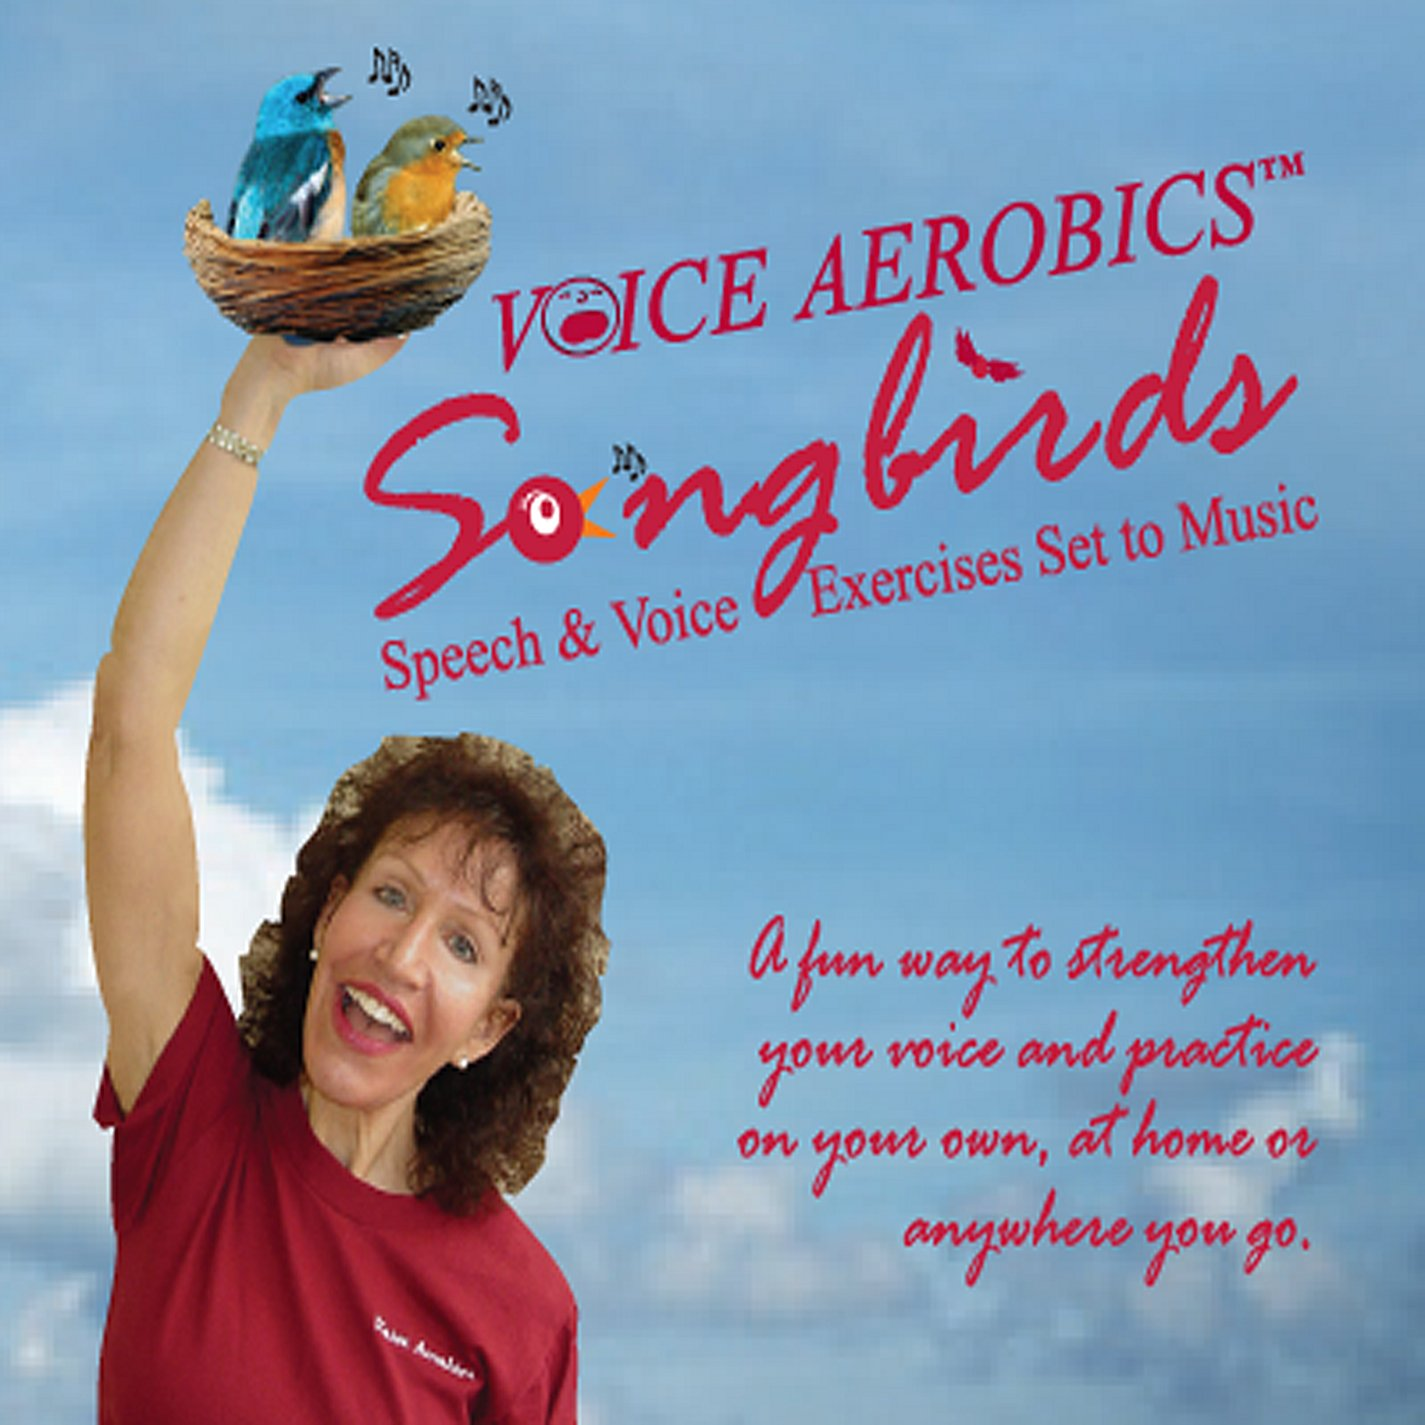 Voice Aerobics Songbirds